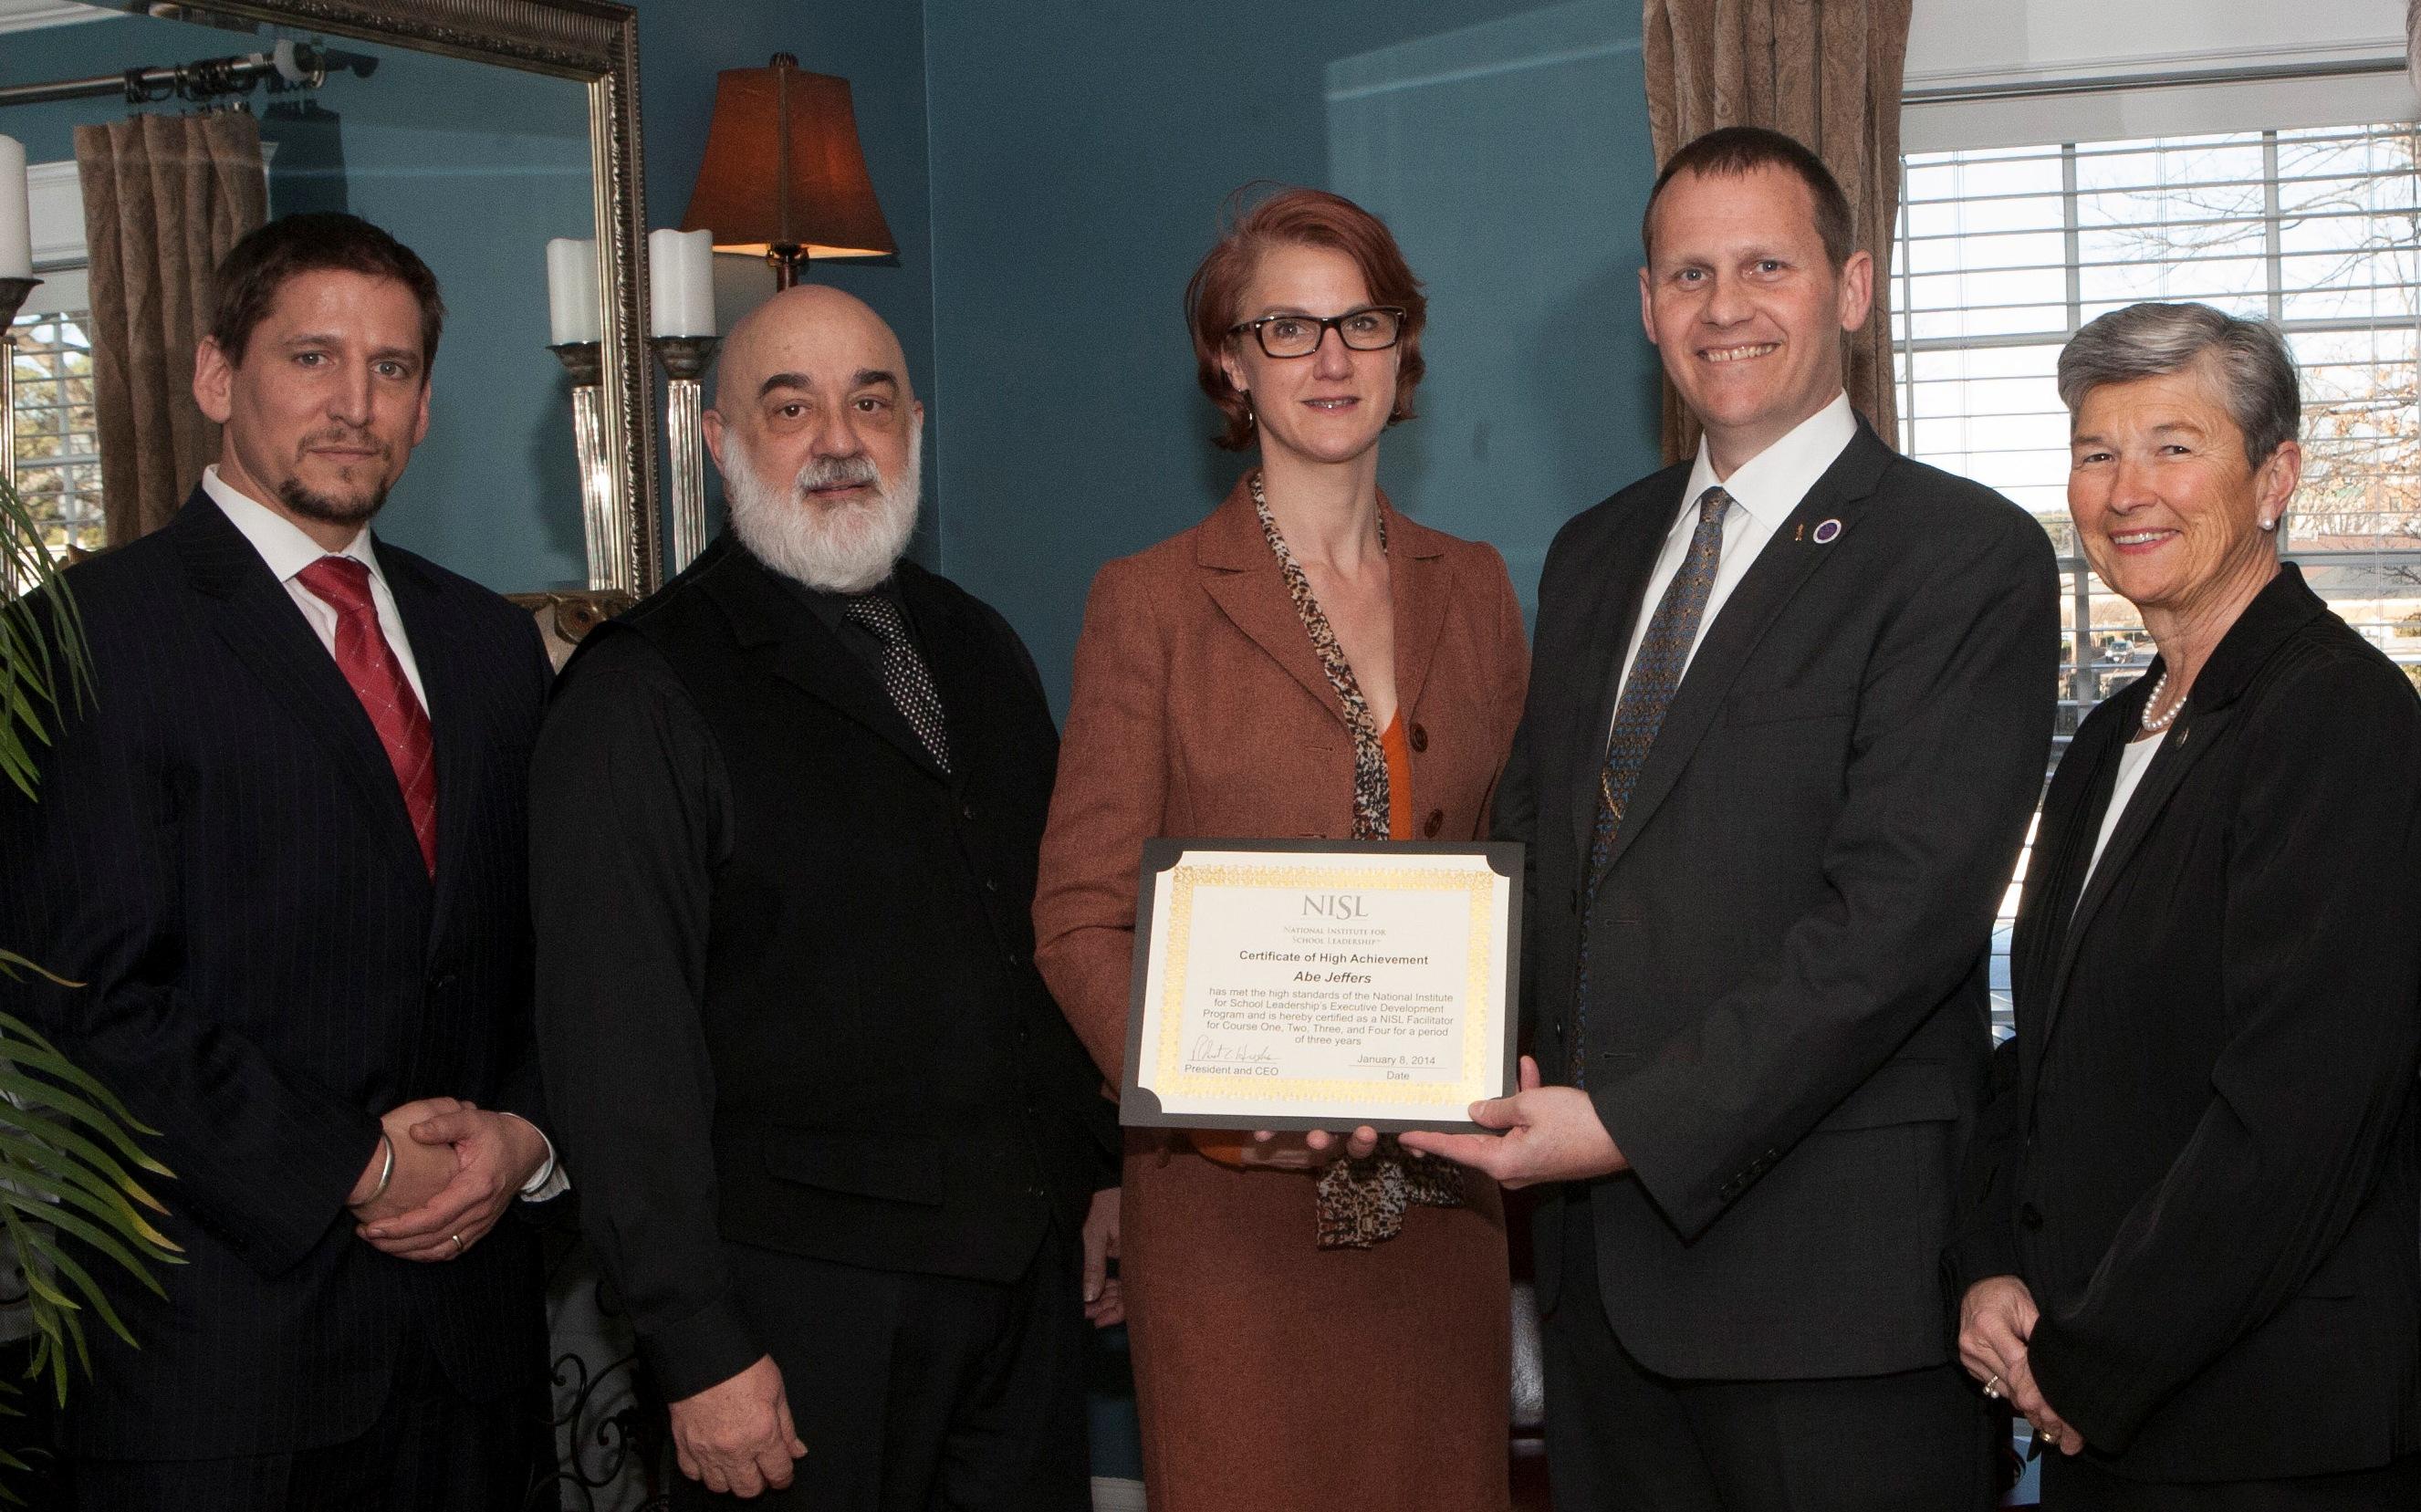 NISL Certificate of High Achievement